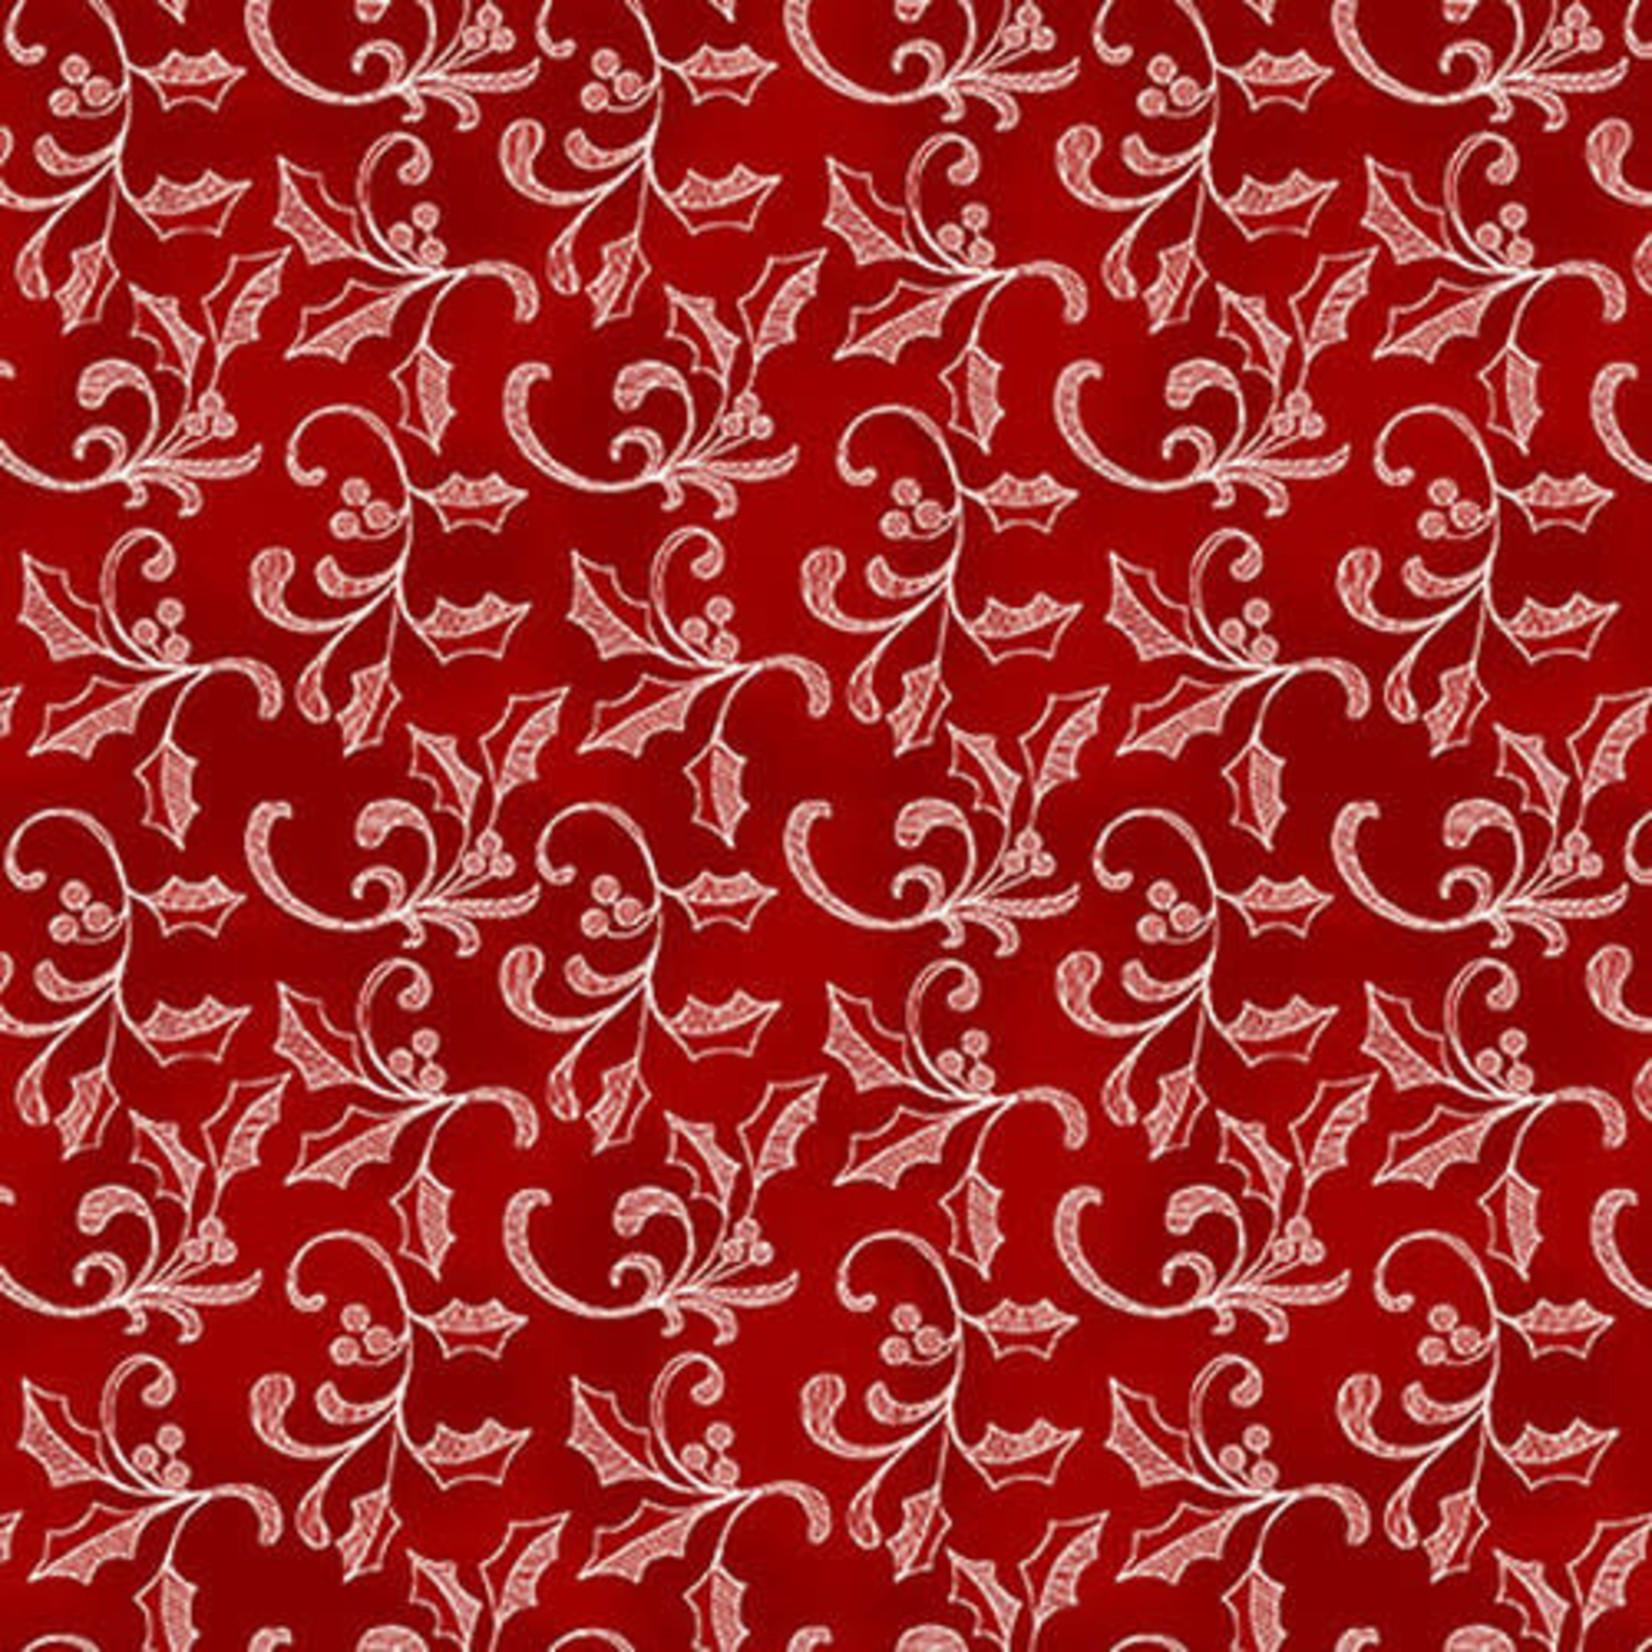 Studio E Fabrics Home For The Holidays - Red